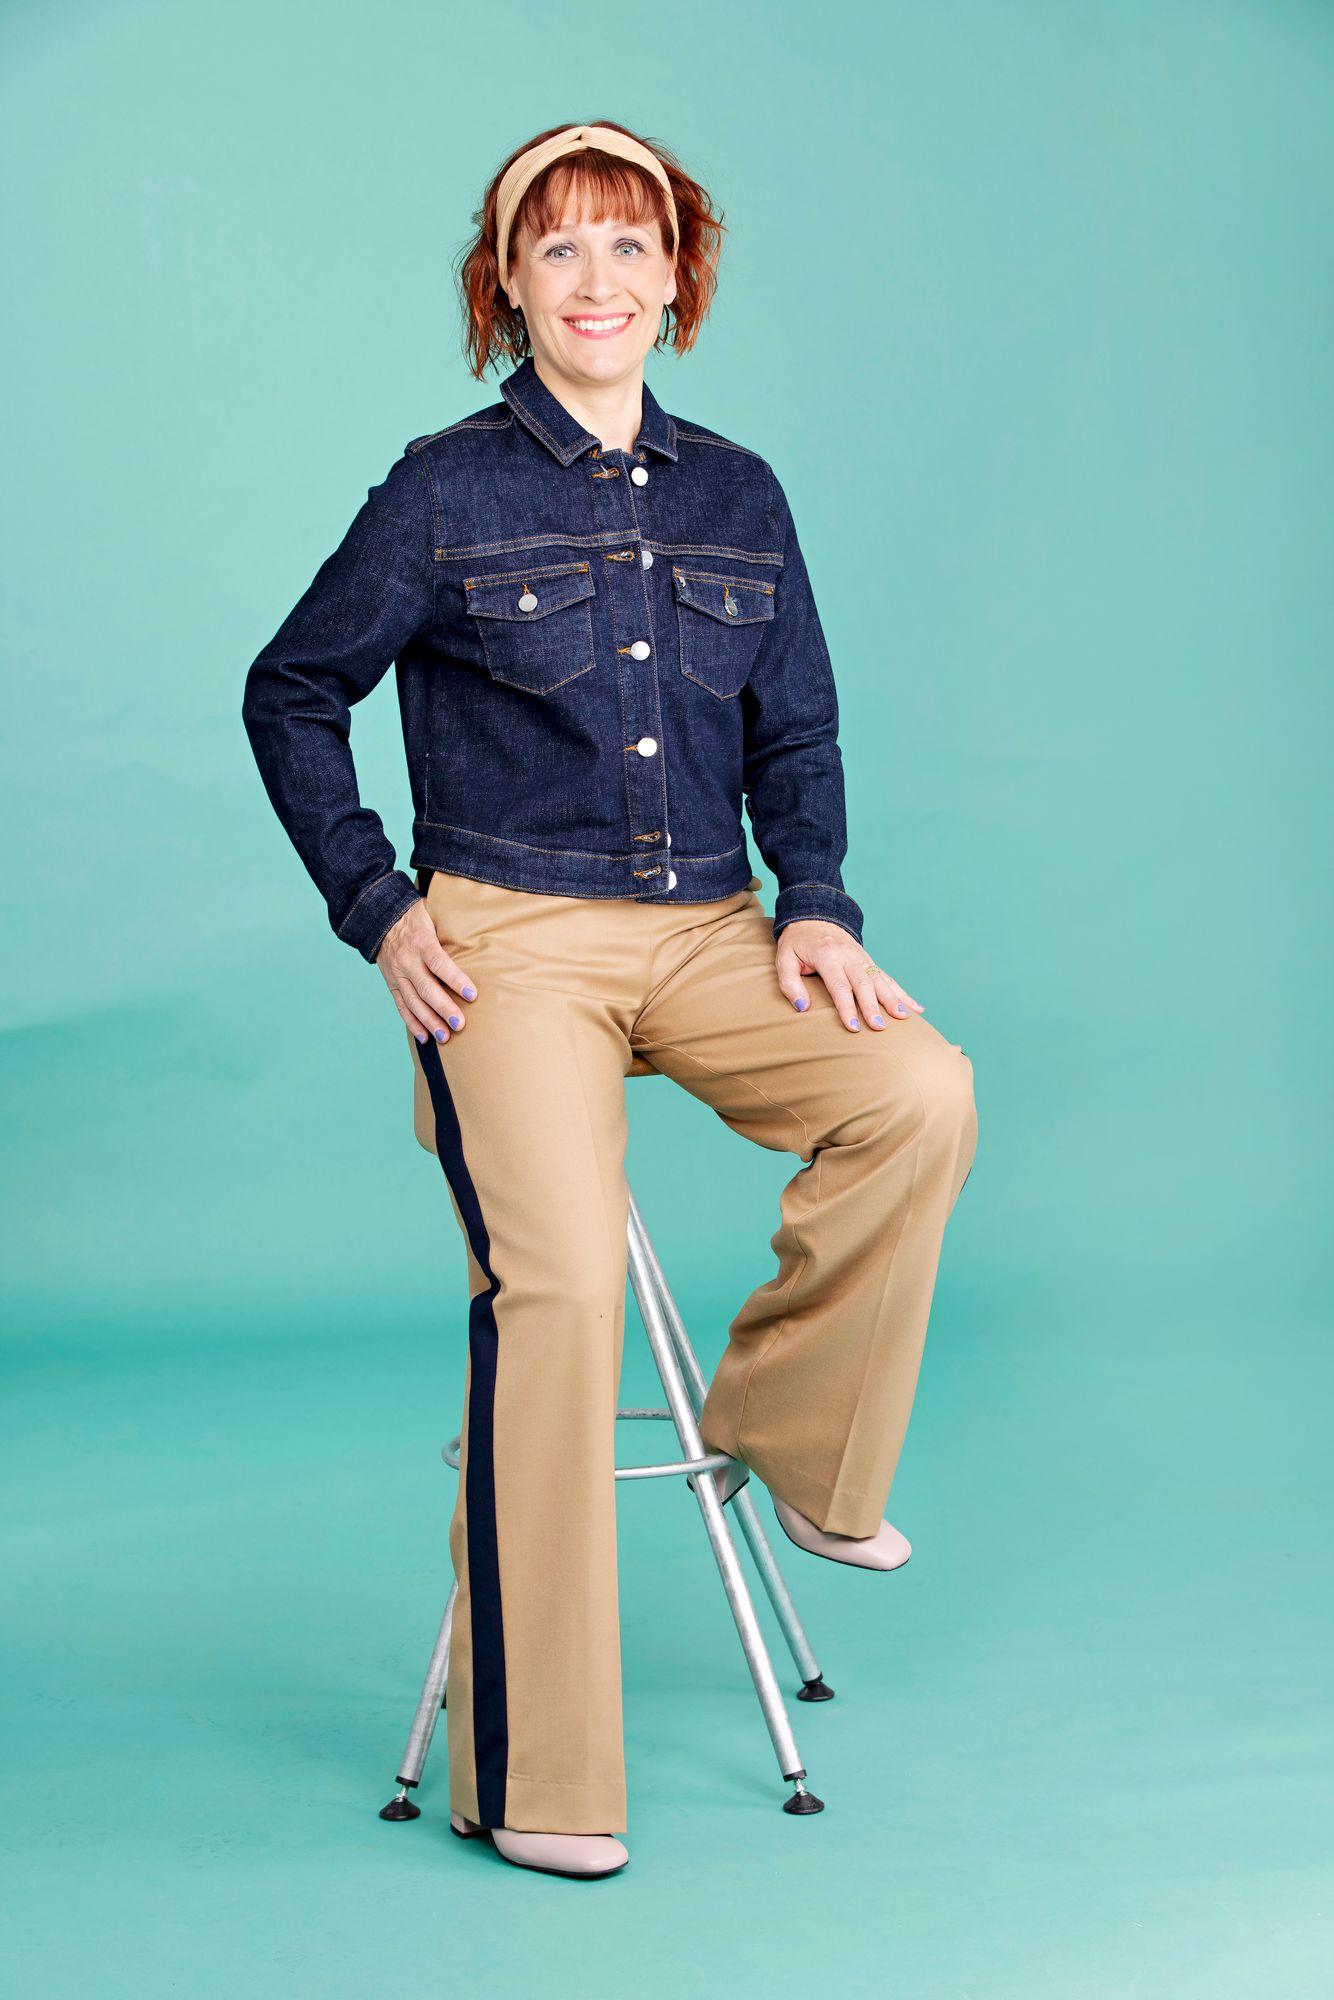 Lyhyt, vartaloa myötäilevä farkkutakki korostaa vyötäröä ja tasapainottaa leveitä housuja. Sivujen tummat raidat tehostavat jalkoja venyttävää vaikutelmaa. Farkkutakki 120 €, Comma. Leveät housut 200 €, Gant. Bootsit 199 €, Bella Luna. © Tommi Tuomi